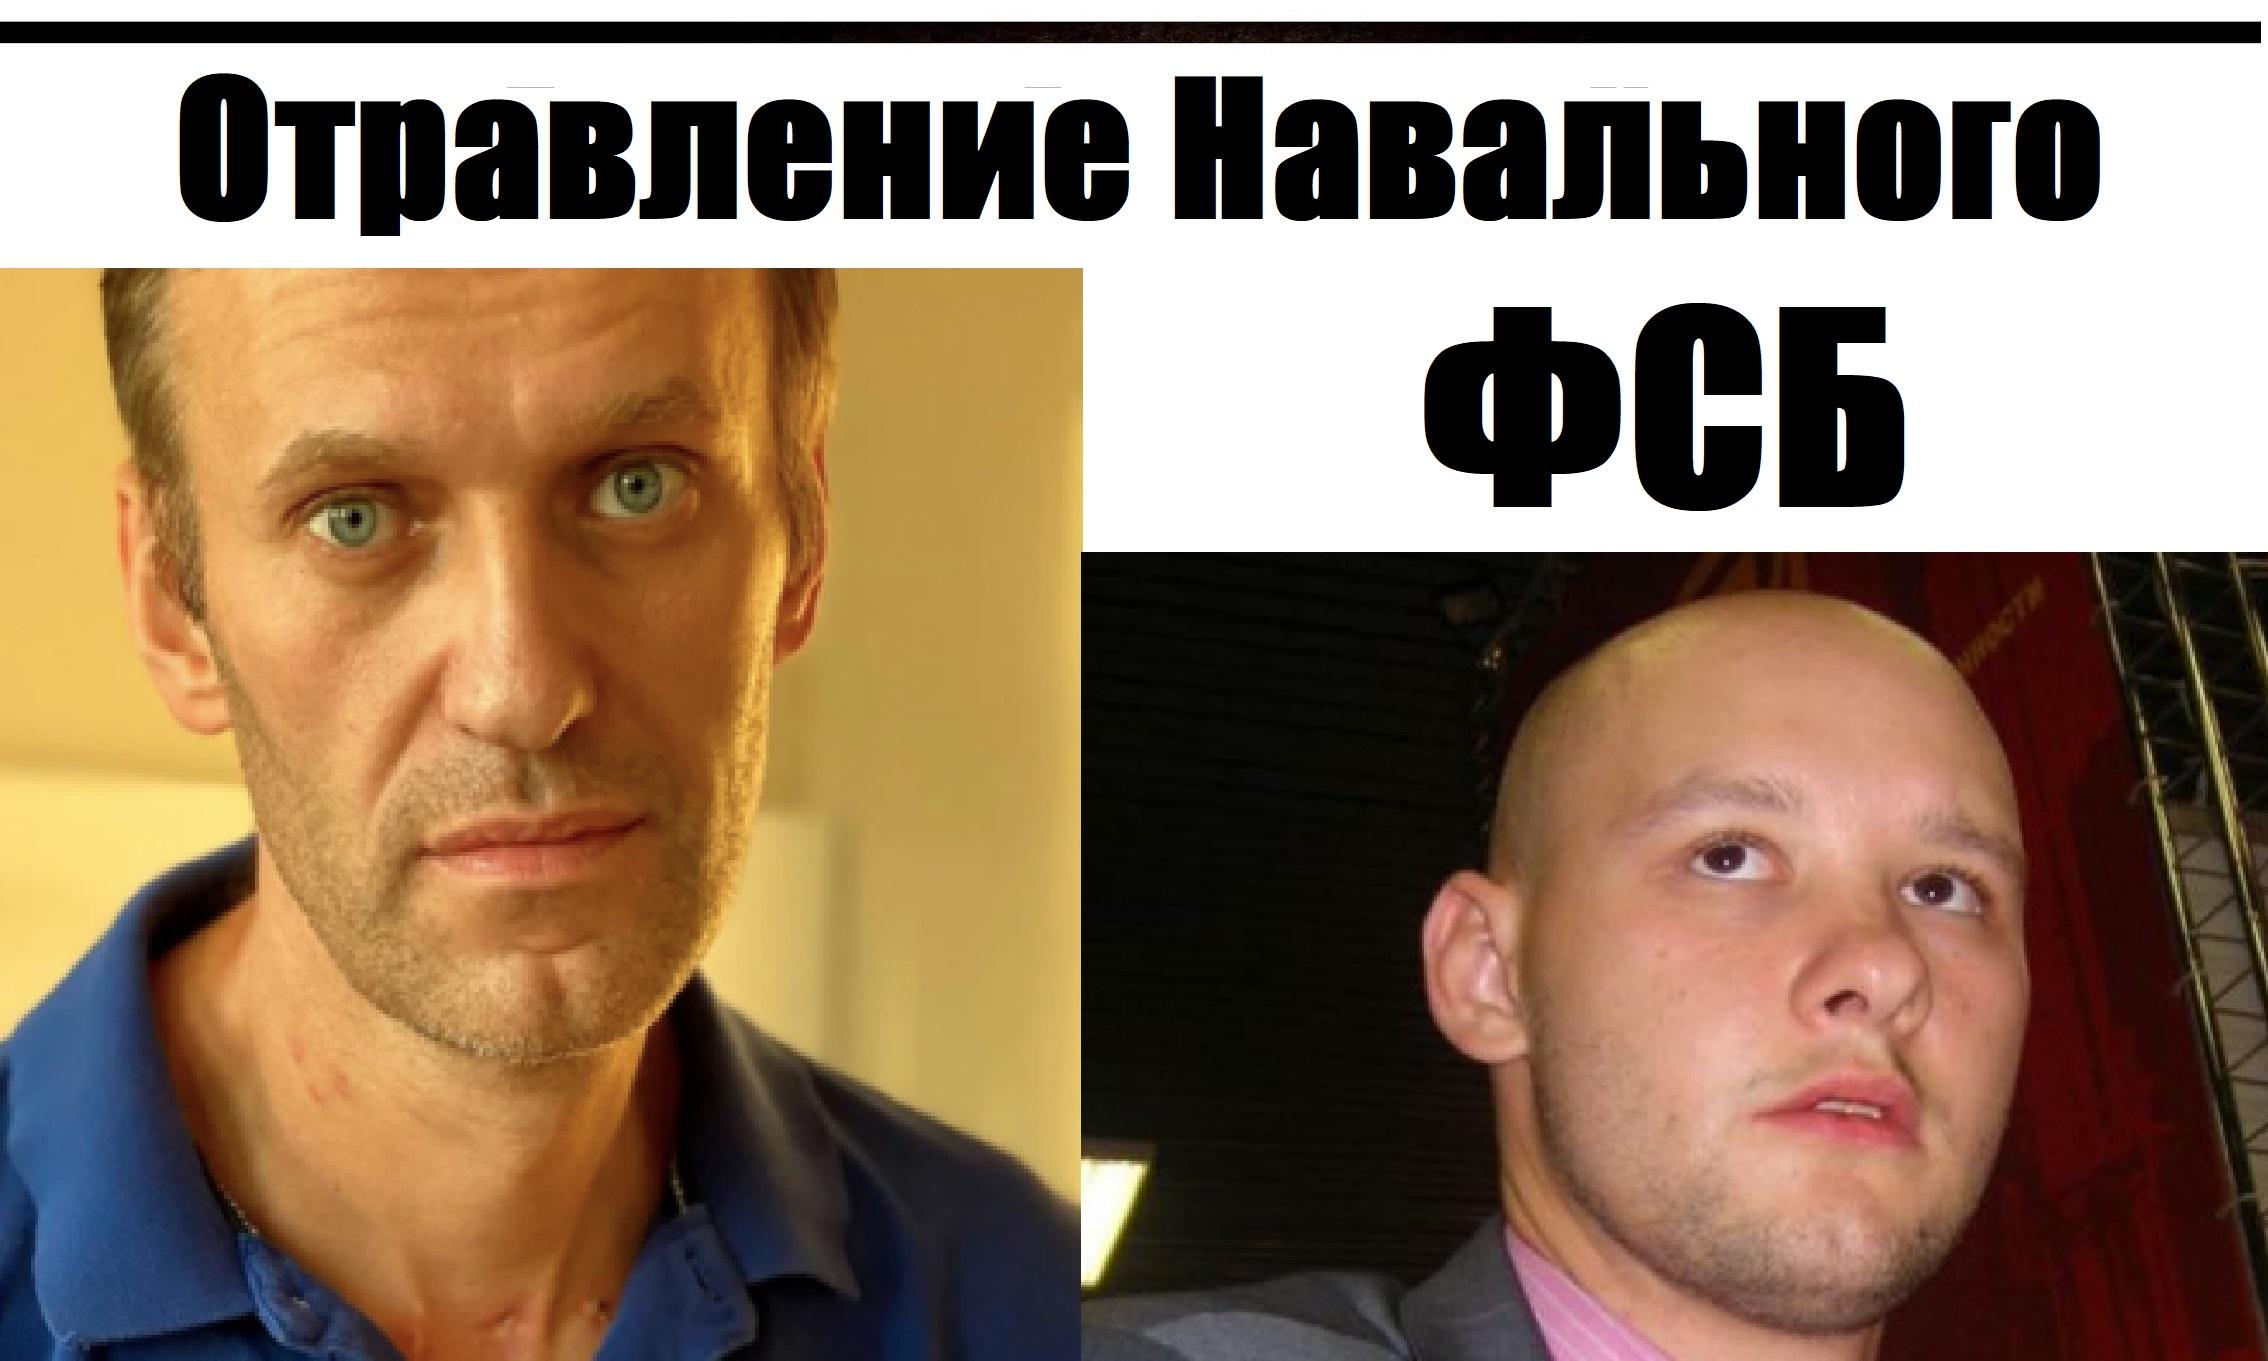 Навальный отравлен